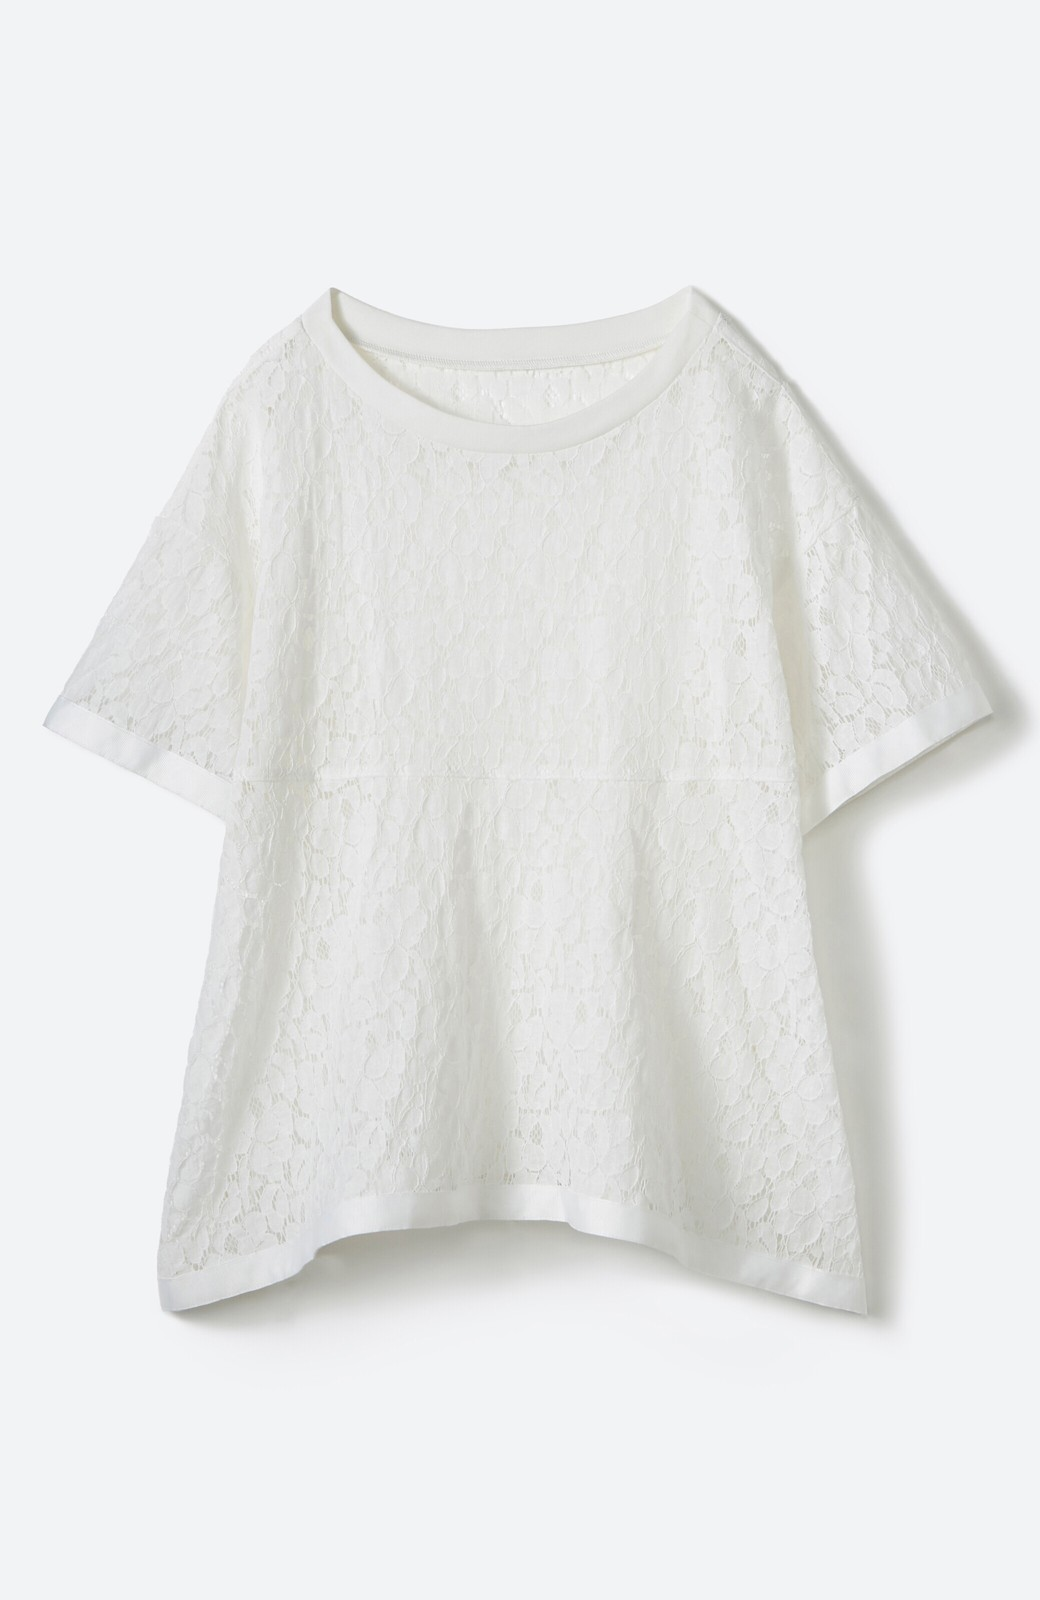 haco! Tシャツ感覚で着られる便利なレースブラウス <ホワイト>の商品写真2